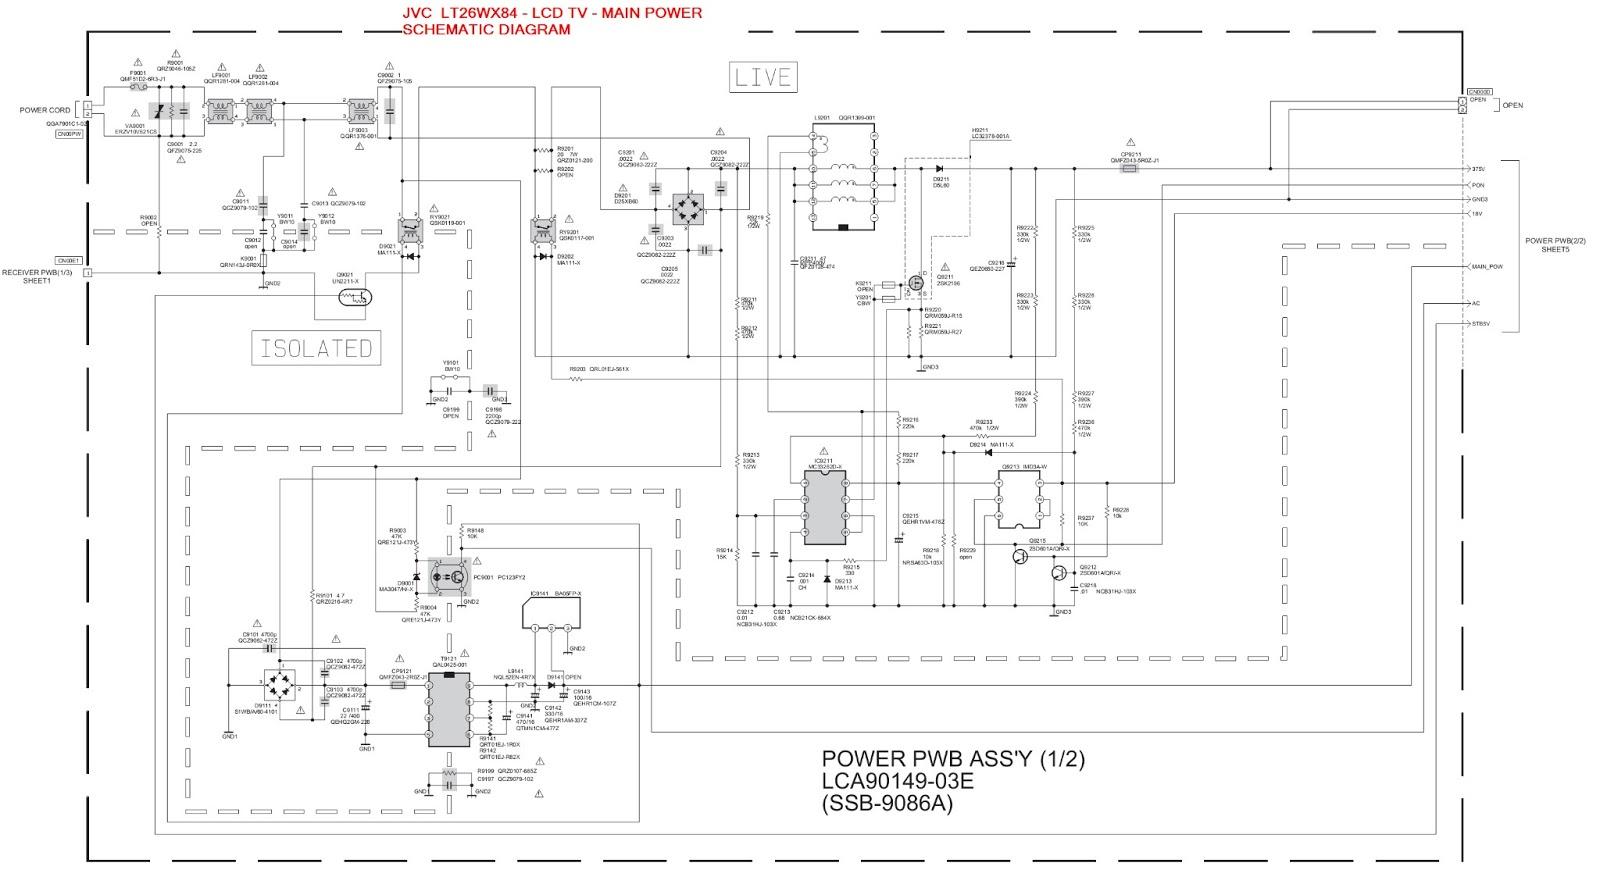 medium resolution of circuit diagram jvc tv wiring library circuit diagram jvc tv